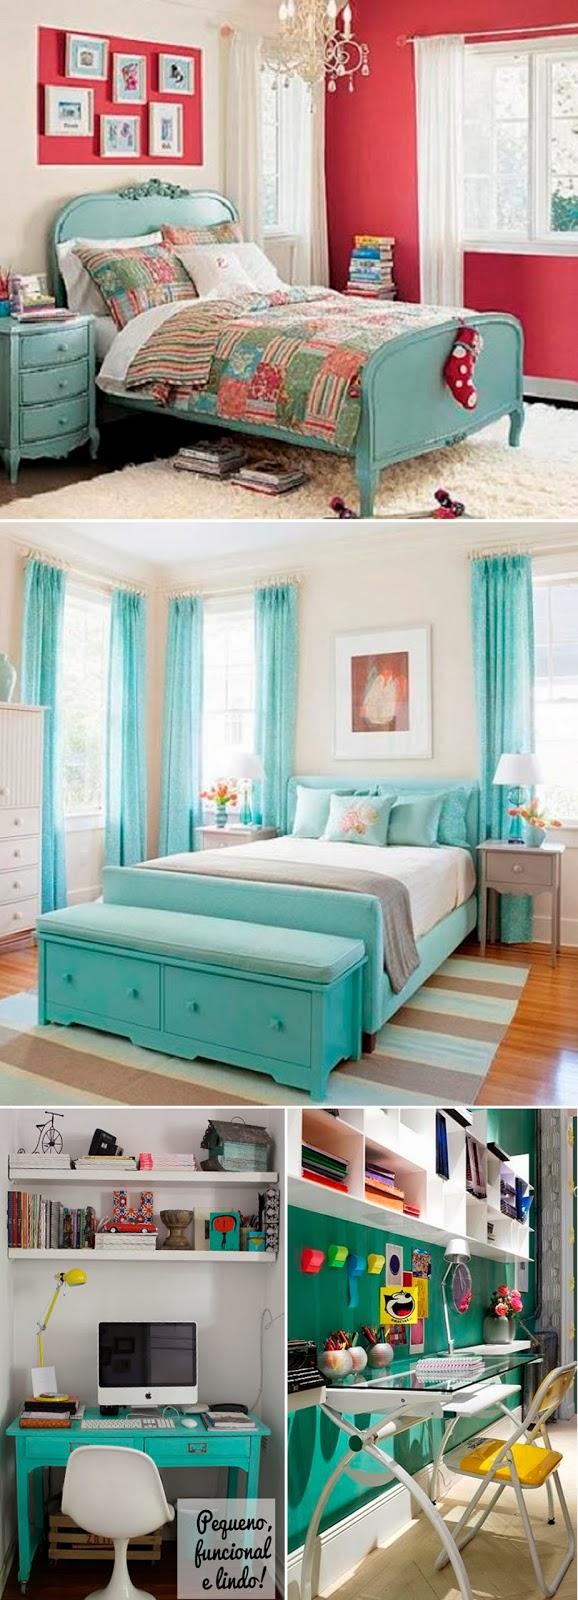 turquesa, decoração, ideias, bonito, feminino, tons claros, moderno, coral,